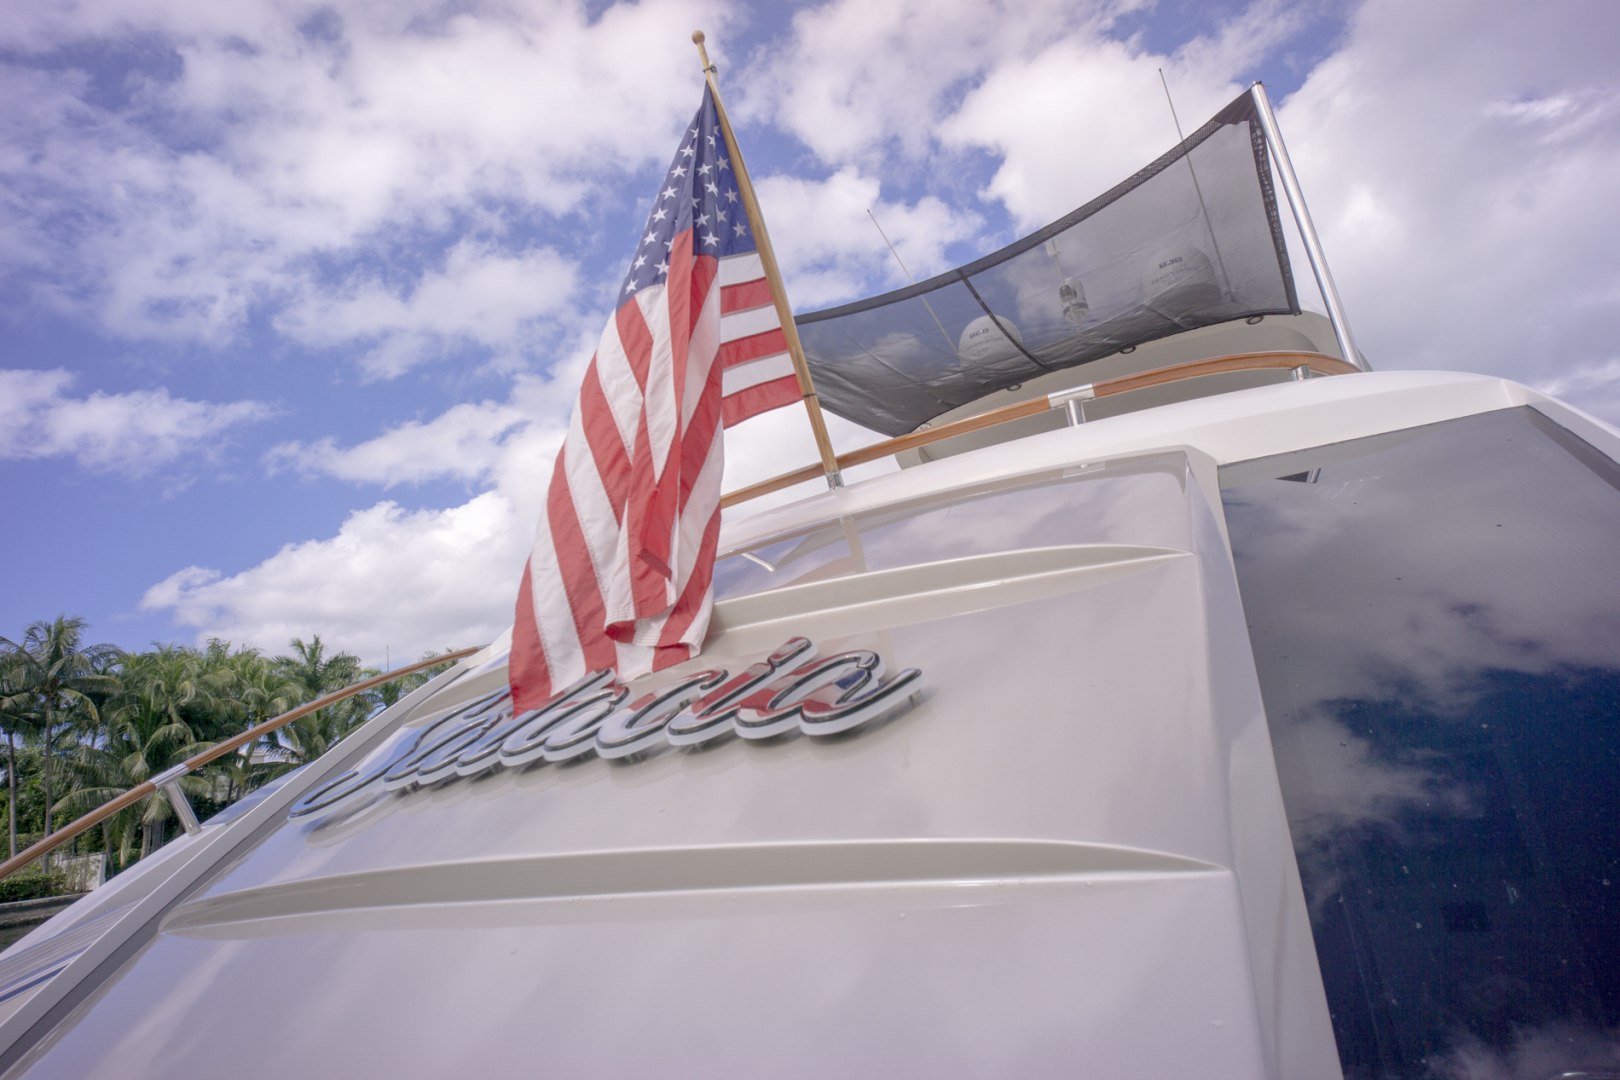 Lazzara-LSX 2007-Salacia Miami Beach-Florida-United States-1578206 | Thumbnail